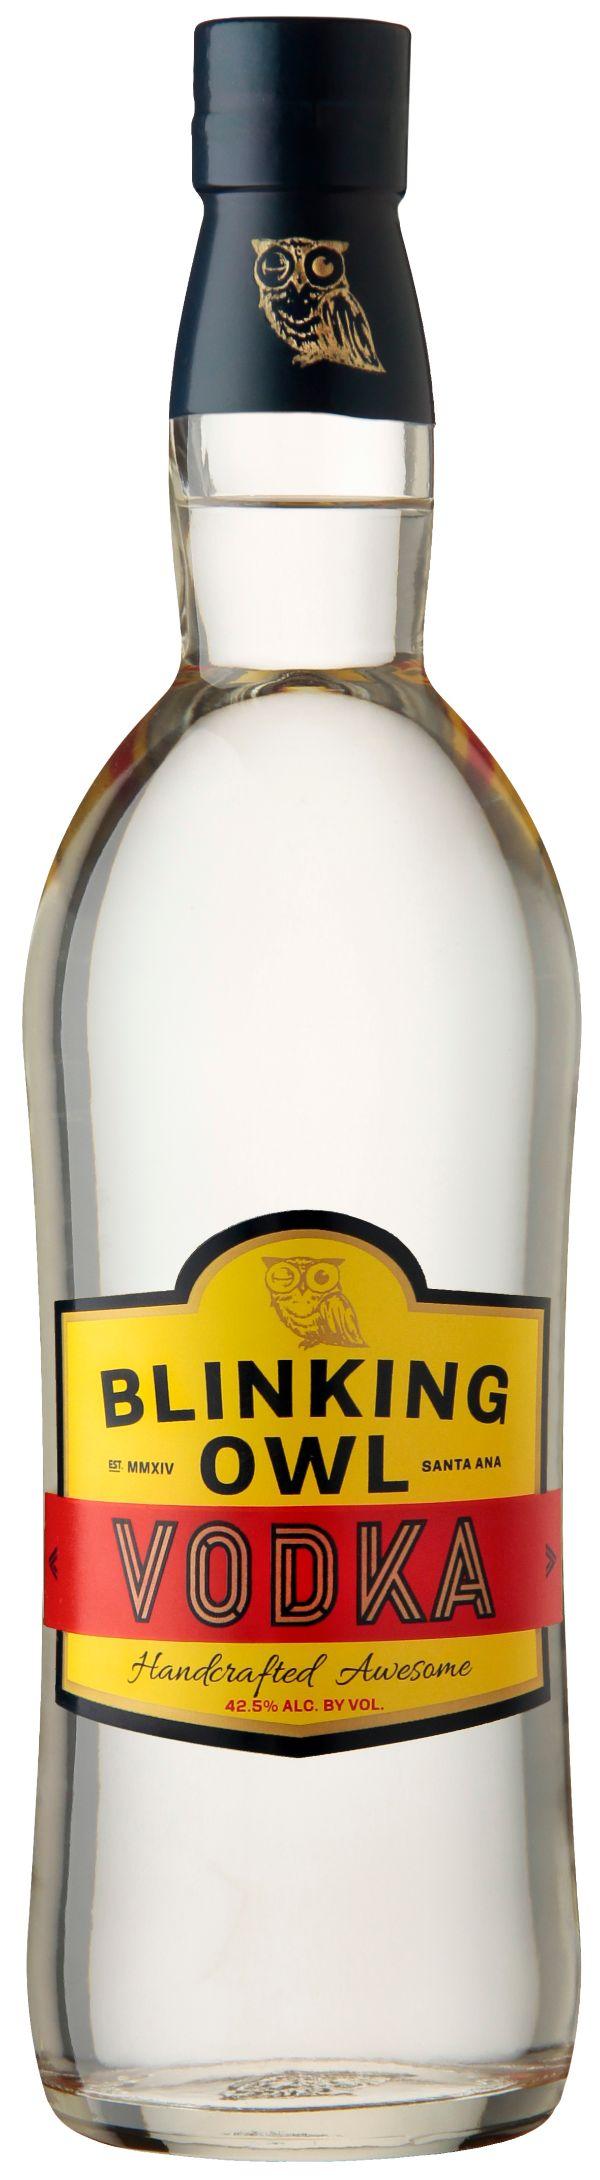 Blinking Owl Vodka